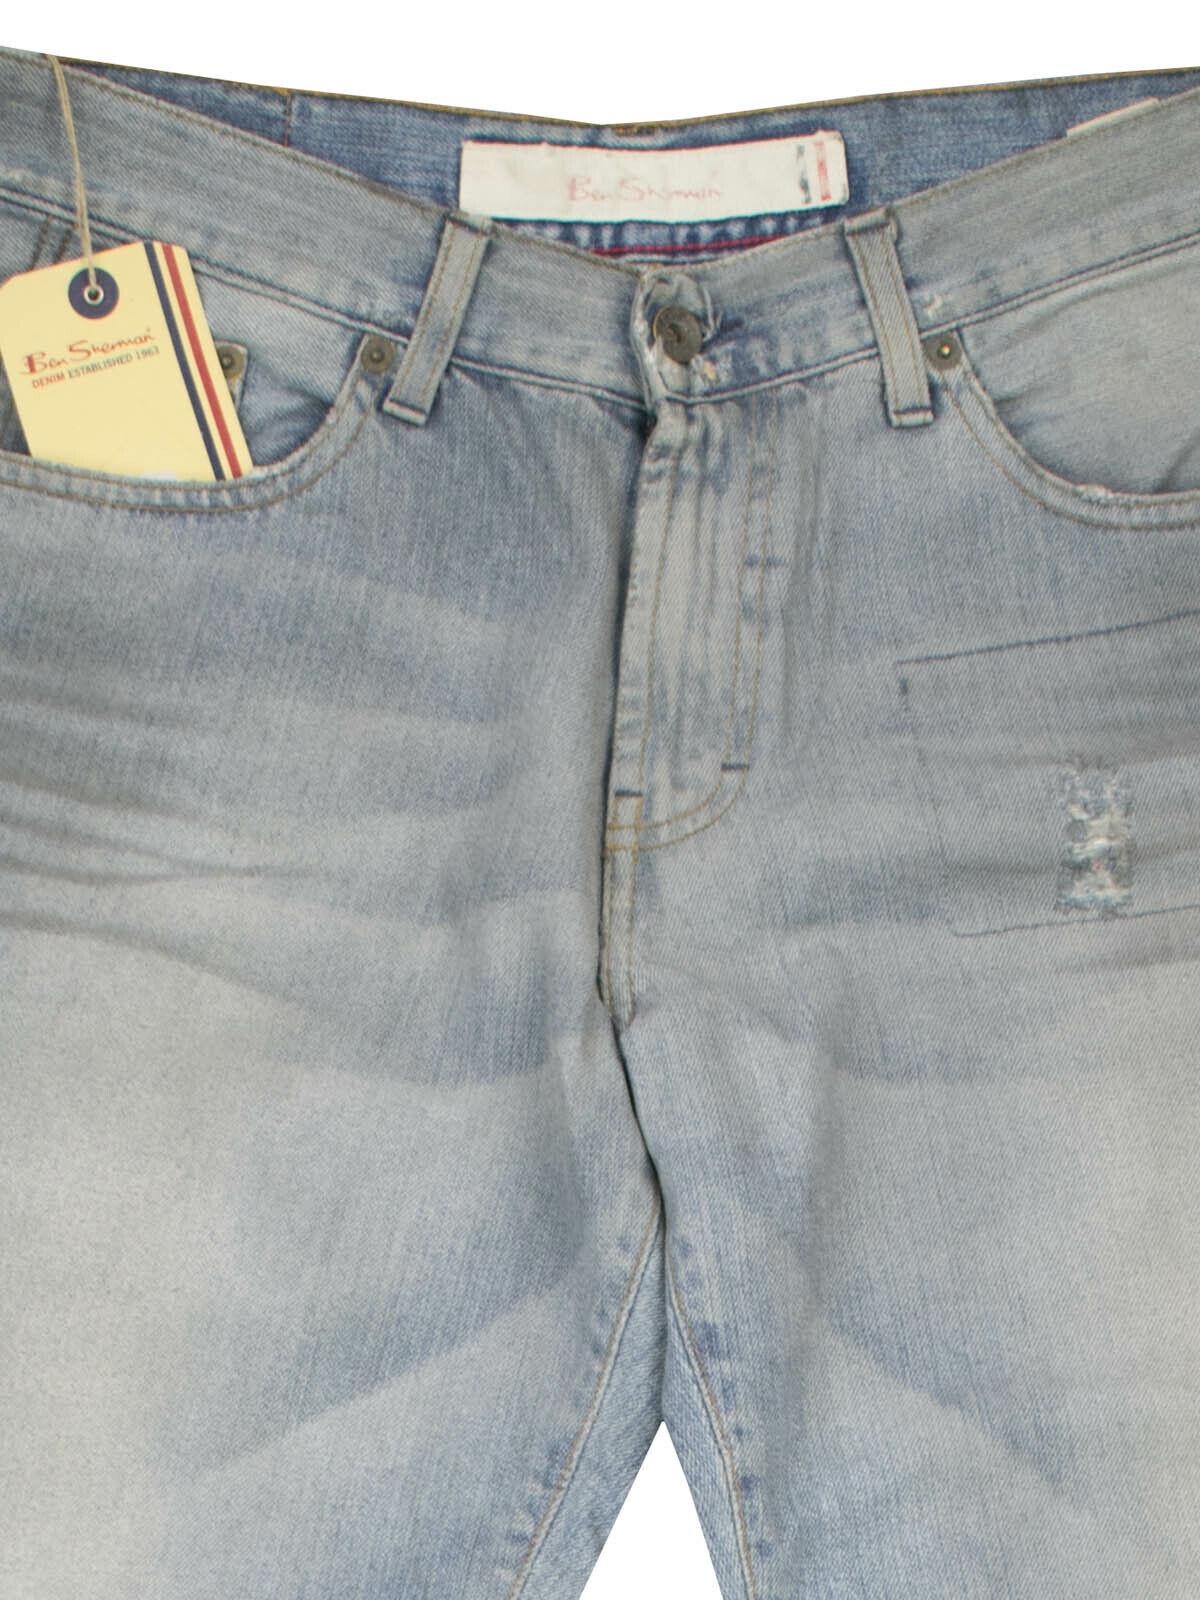 marke cartoon sammlung zahnschmelz pin null zubehör denim fibel jeans